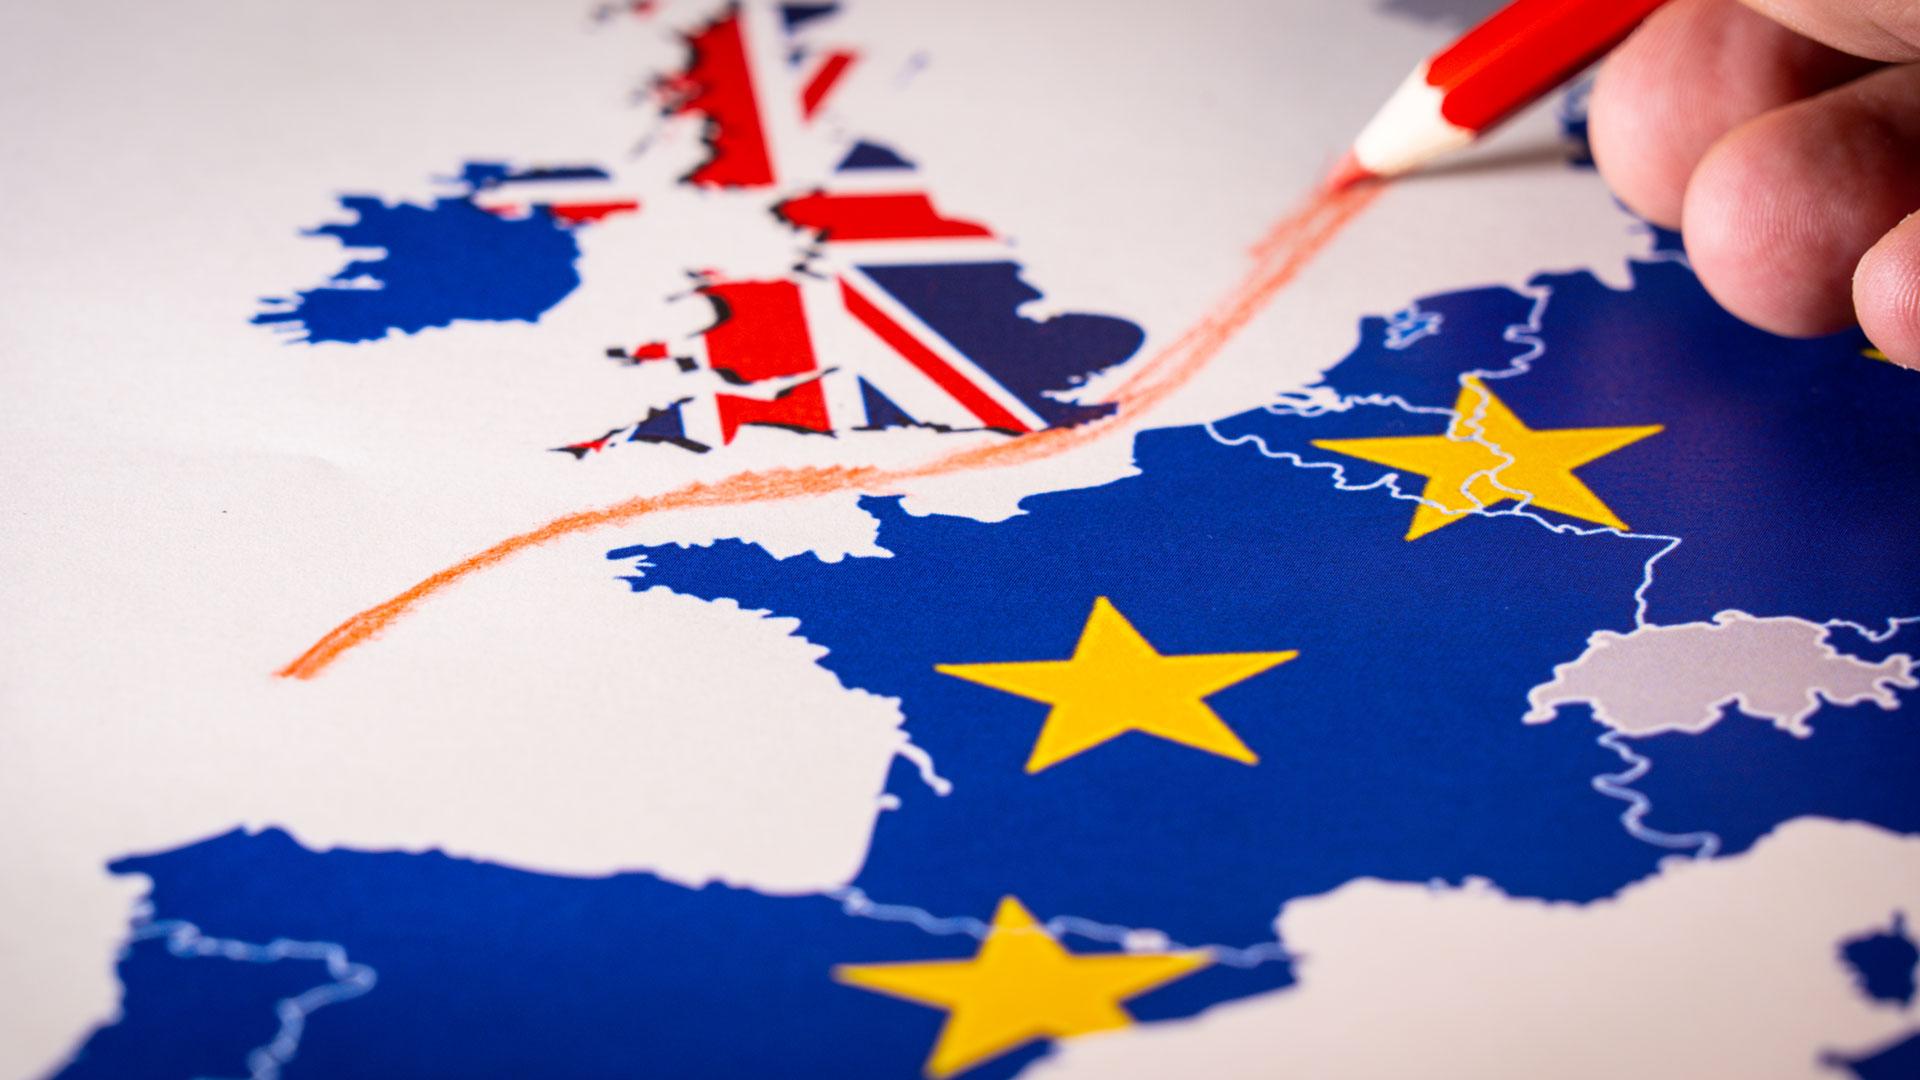 Landkarte mit symbolisch trennender Linie zwischen EU und GB